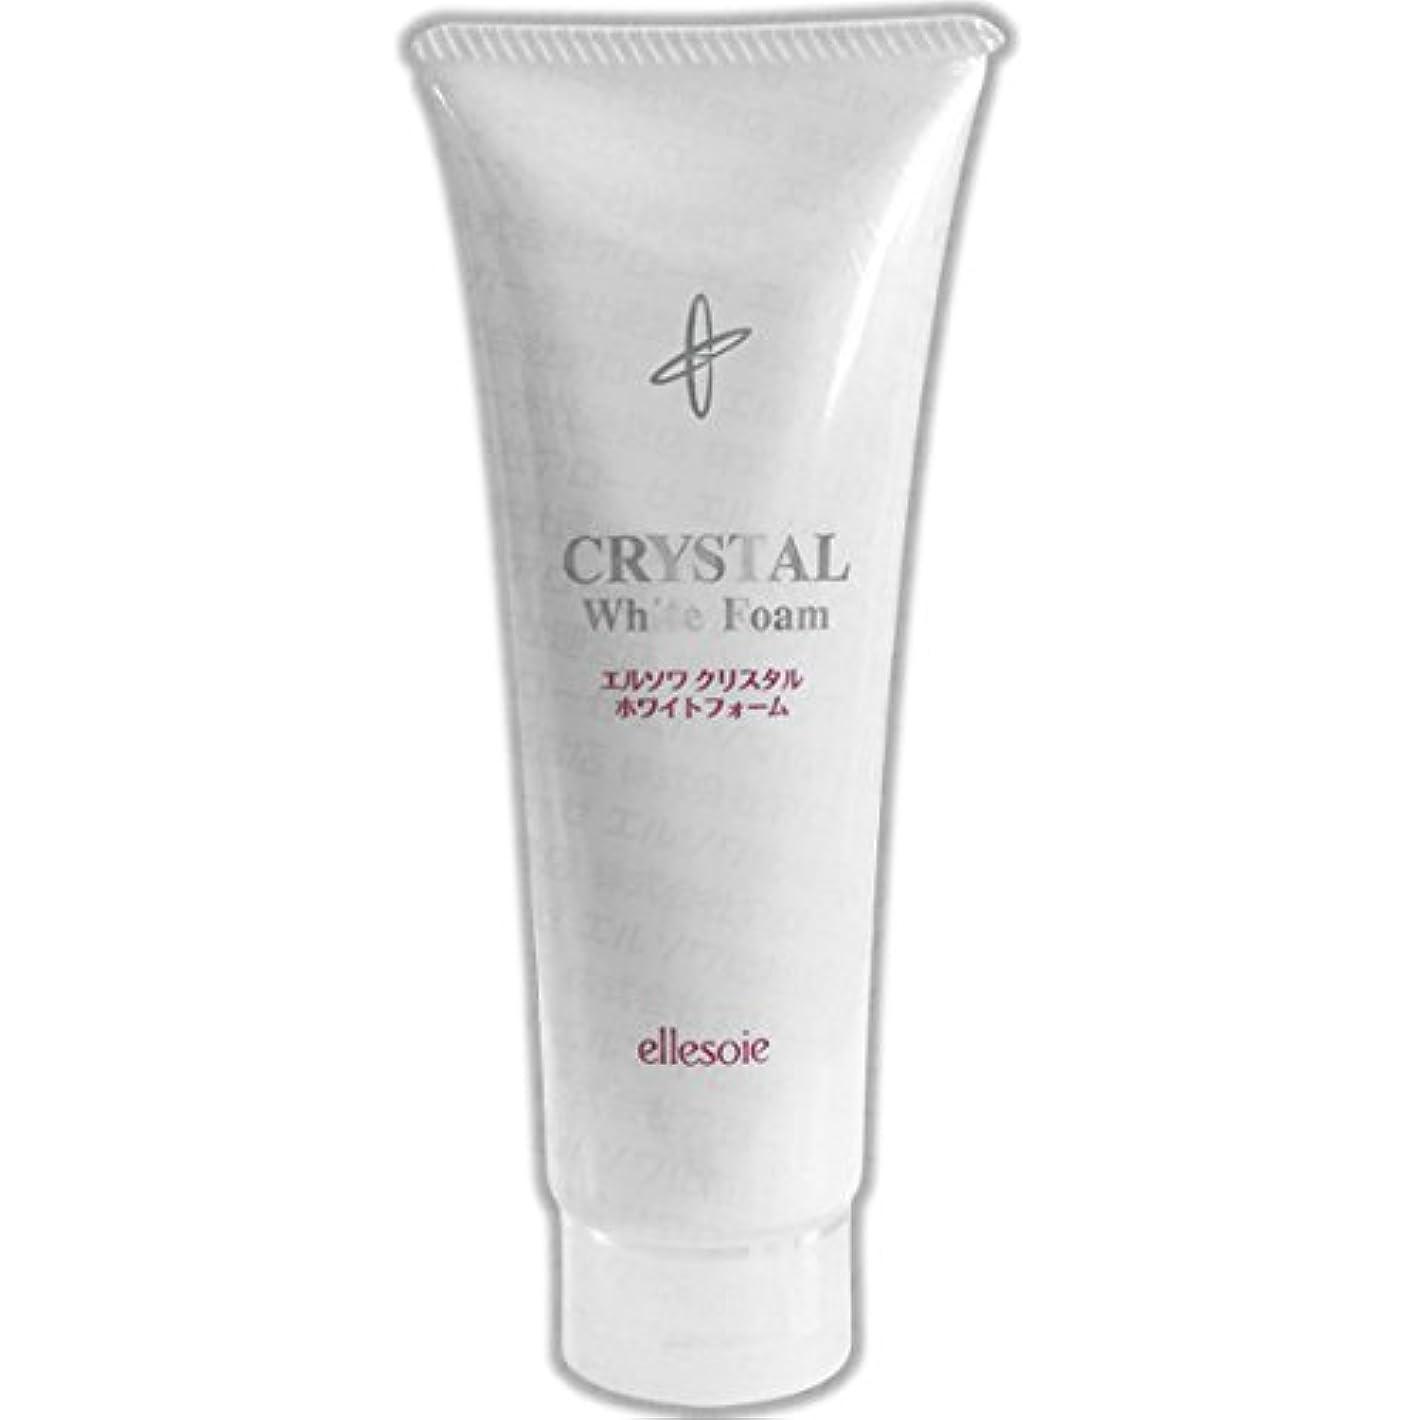 問題探偵完璧なエルソワ化粧品(ellesoie) クリスタル ホワイトフォーム 洗顔